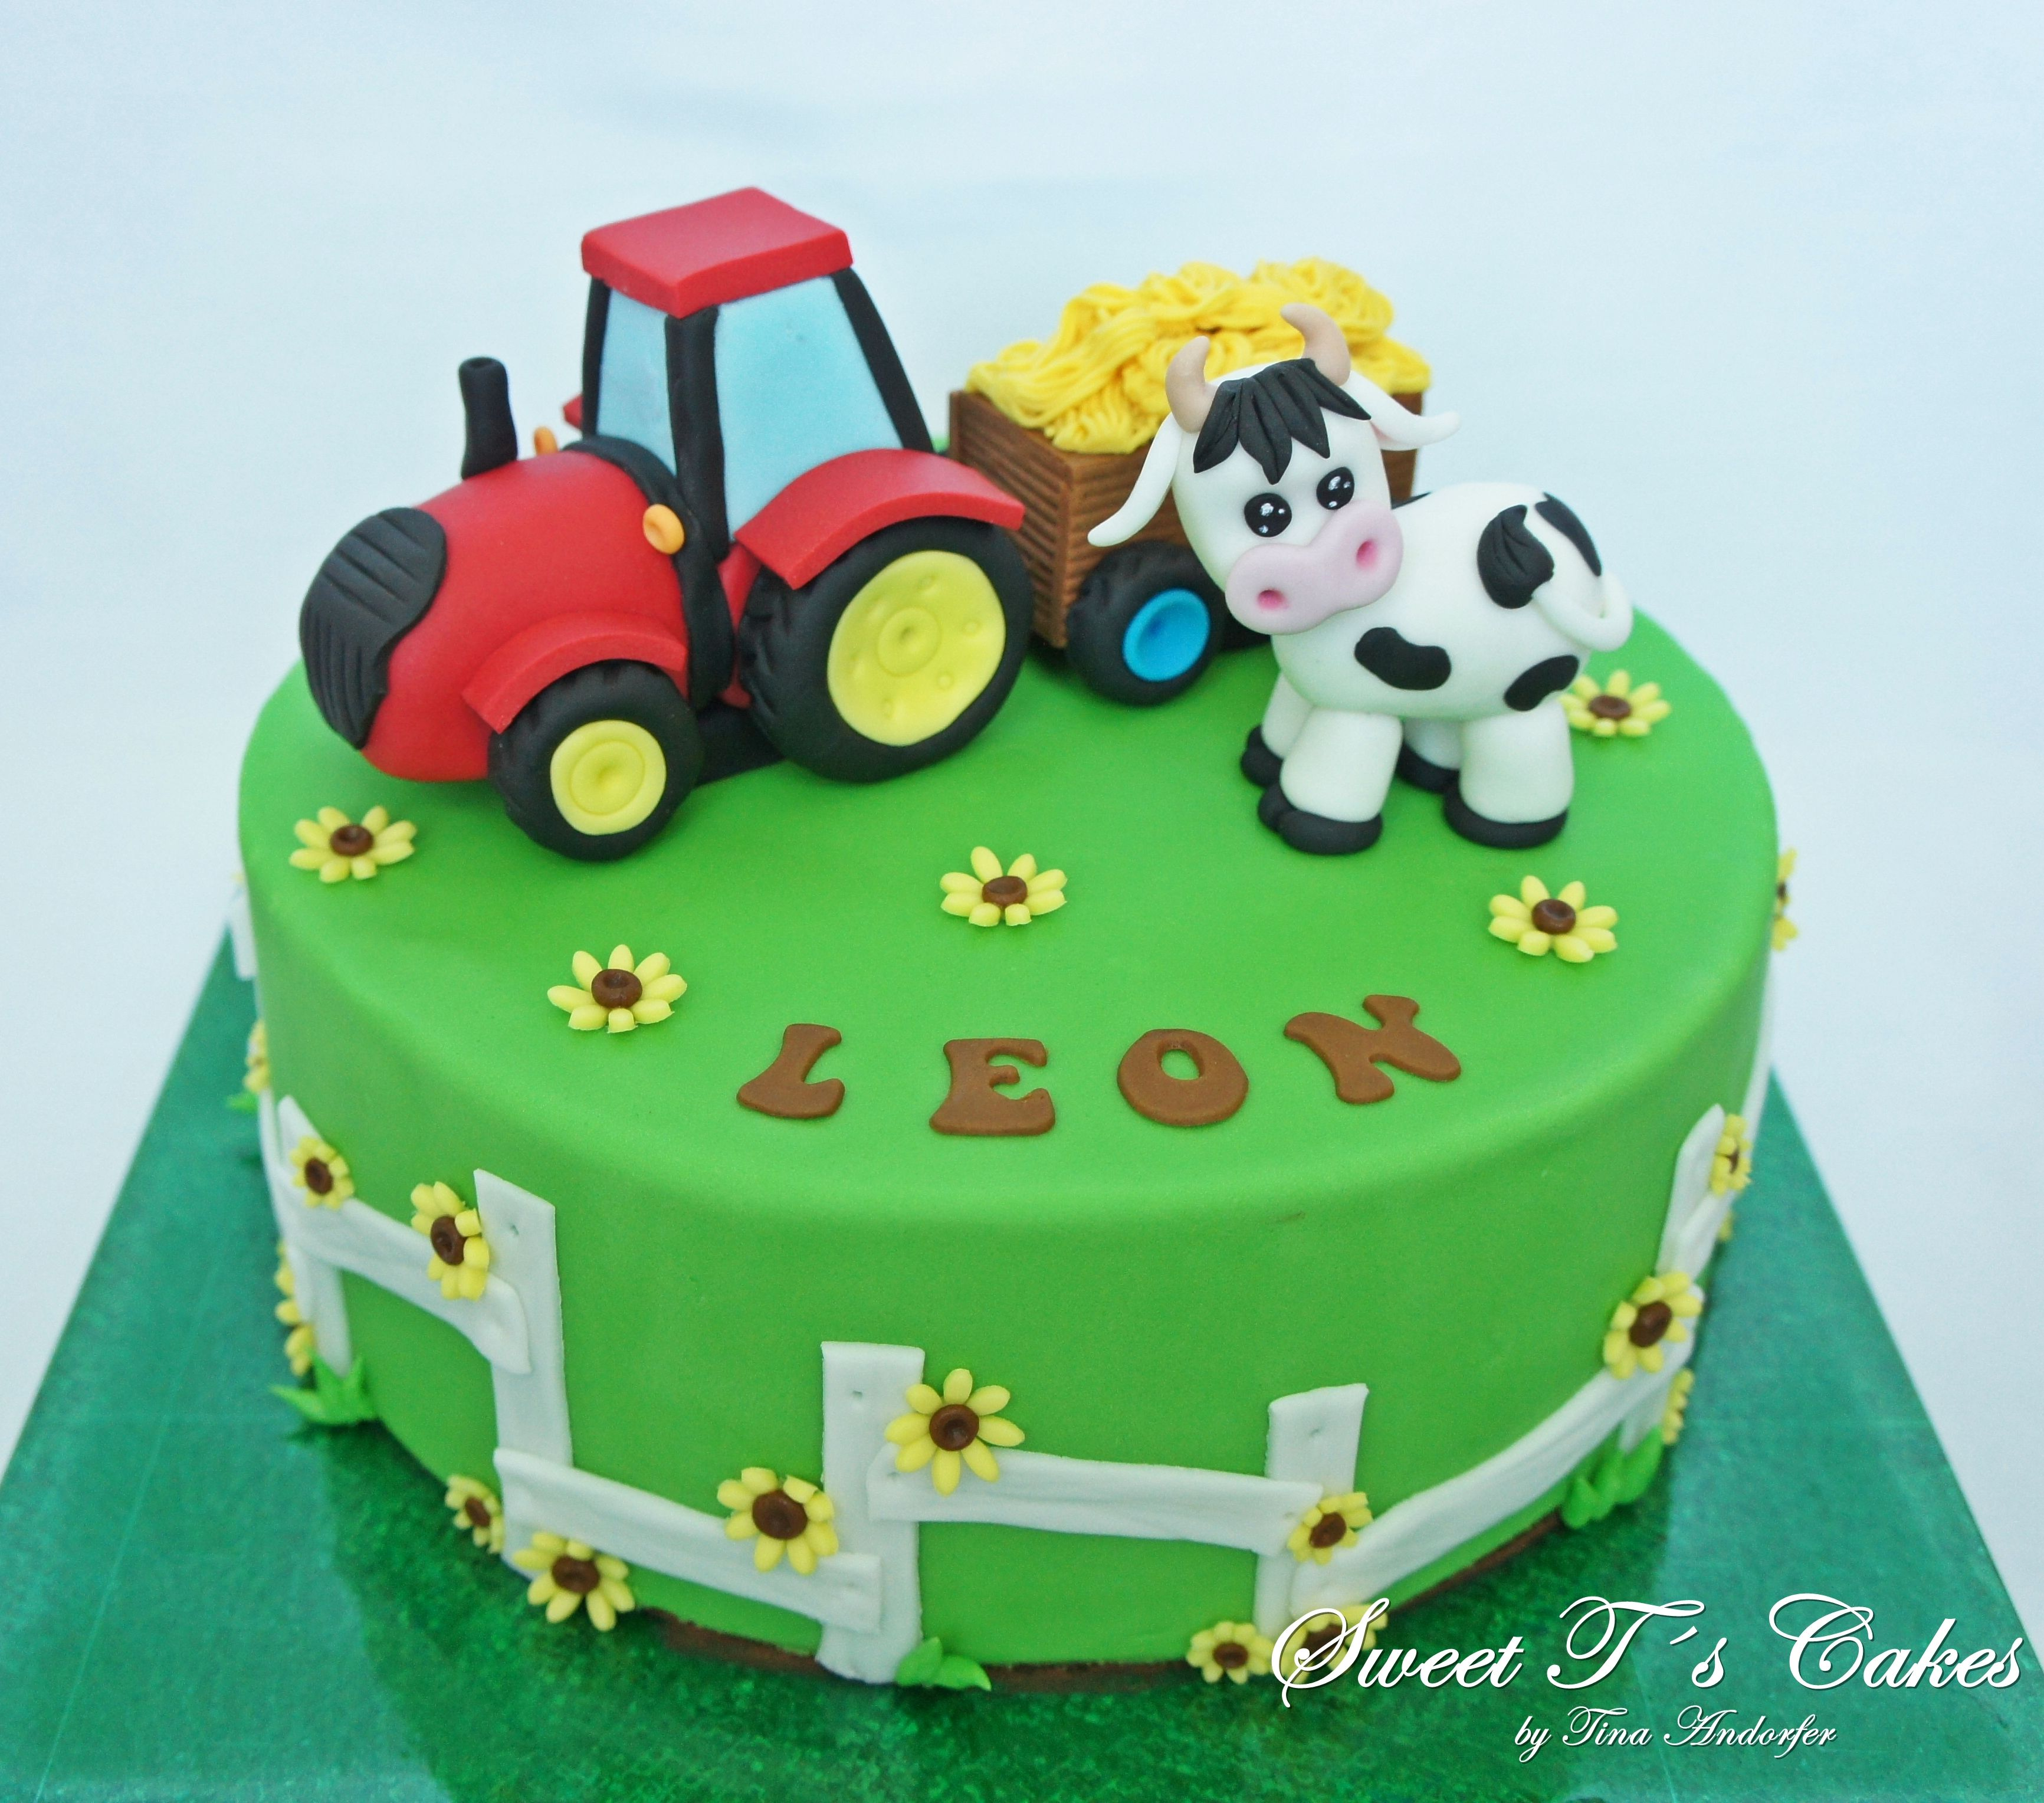 Pin Von Tina Andorfer Auf My Cakes Mit Bildern Backen Kindergeburtstag Kindergeburtstagstorte Tortendeko